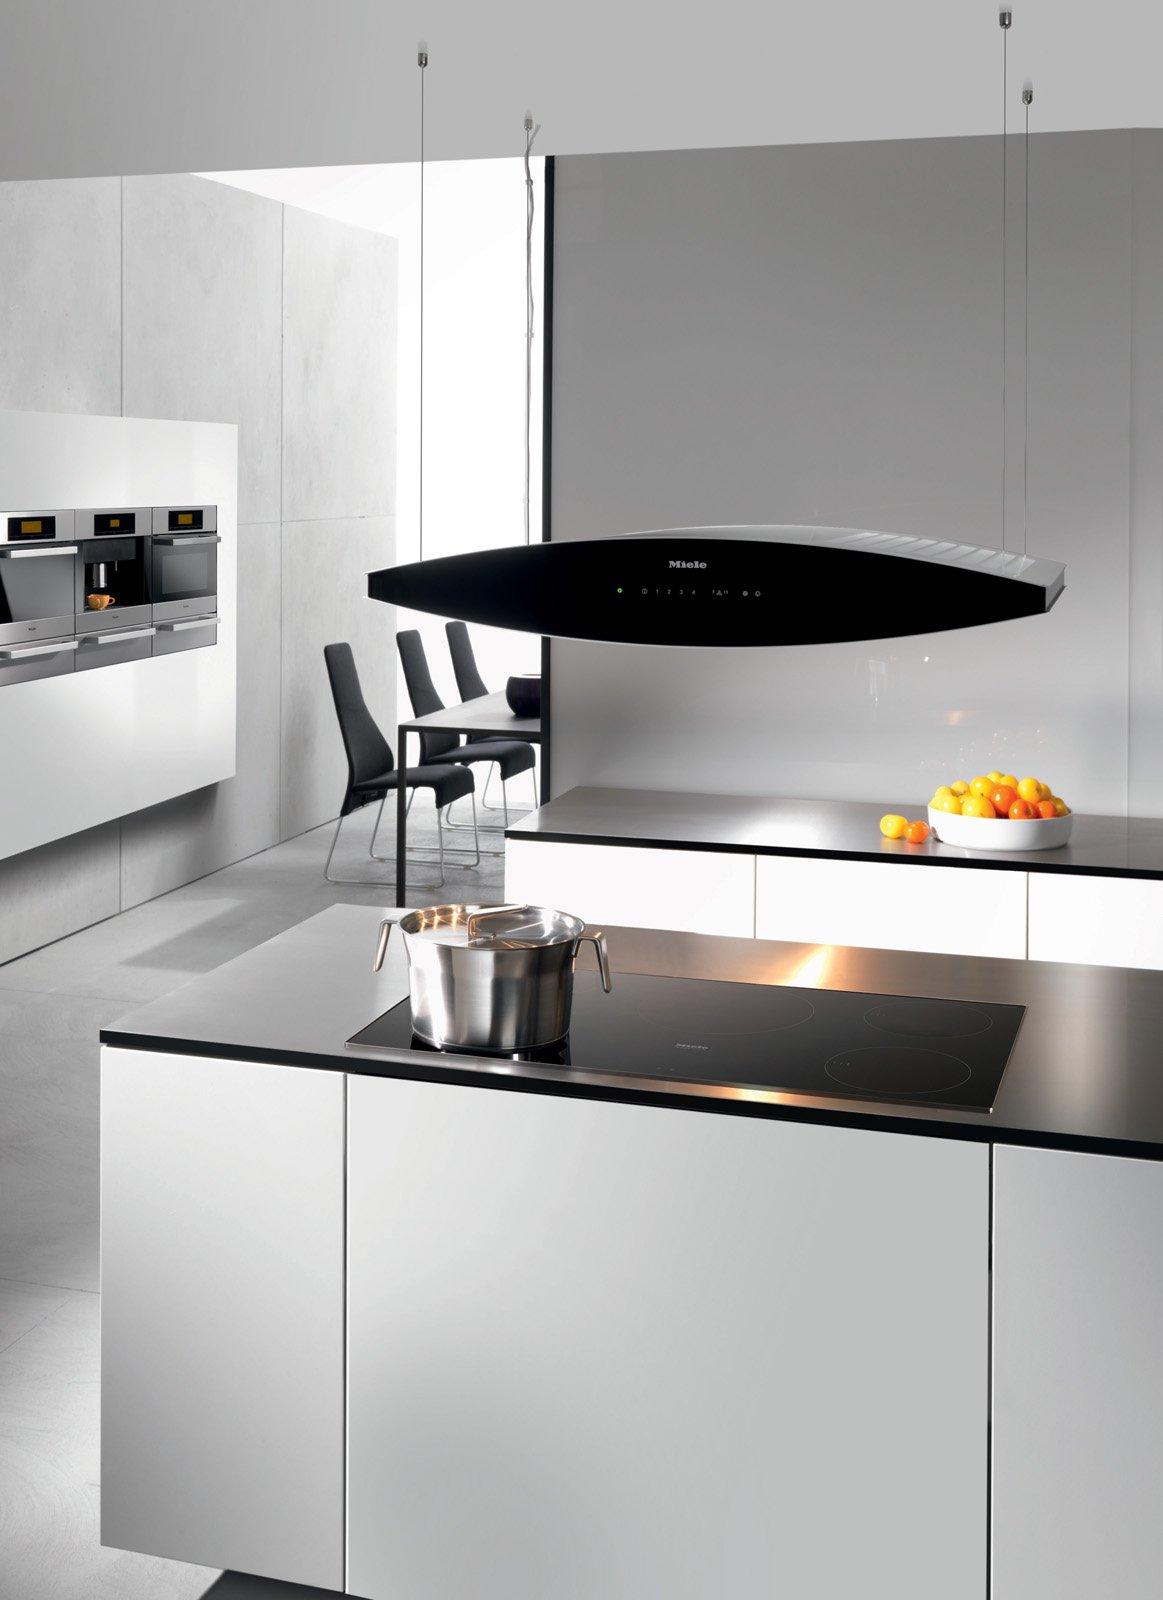 cappe per la cucina - cose di casa - Kappa Cucine